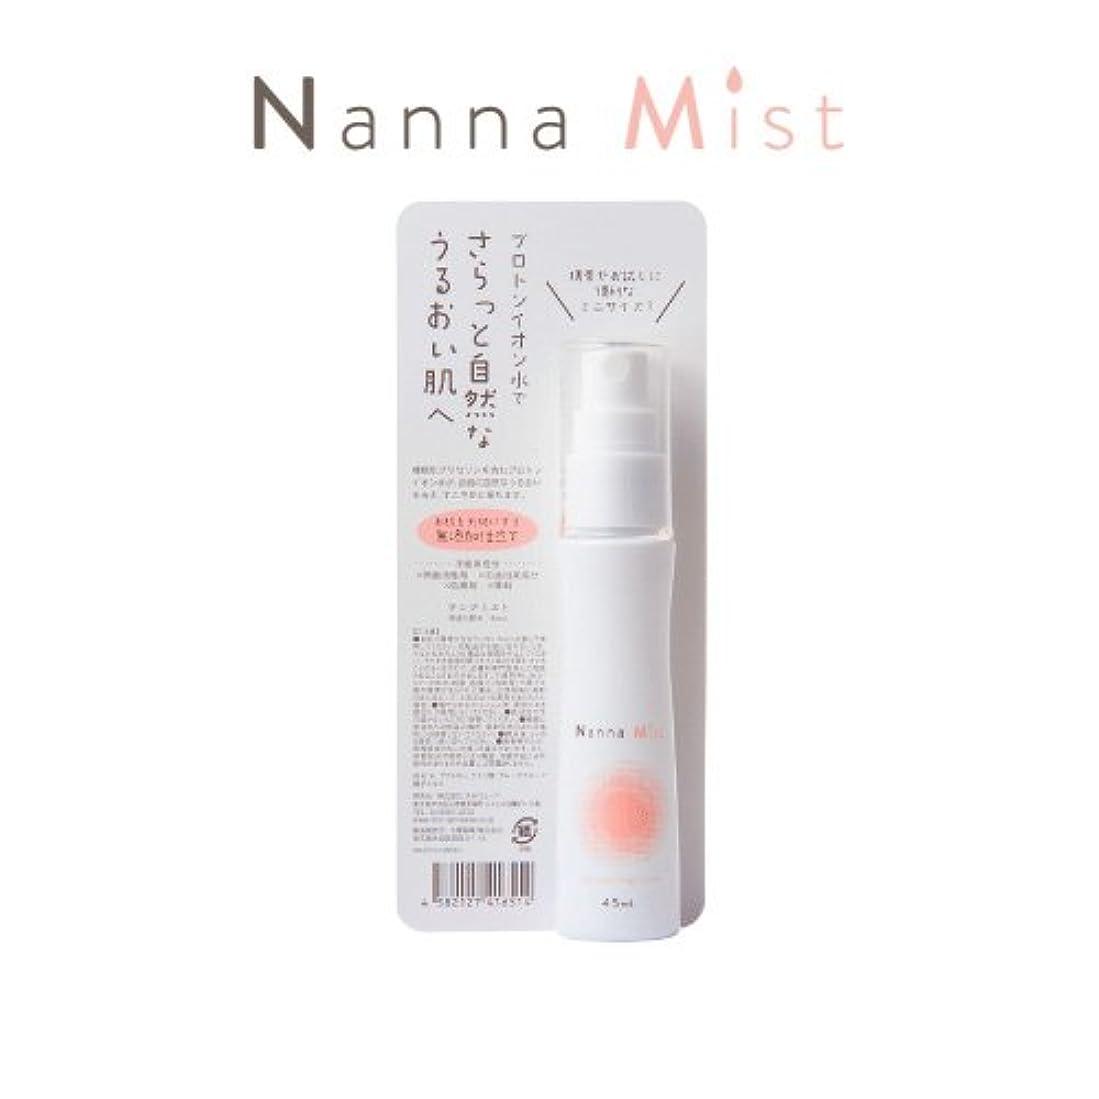 アラスカベッド告発ナンナミスト-Nanna Mist- (保湿化粧水) 45ml 〔携帯用〕